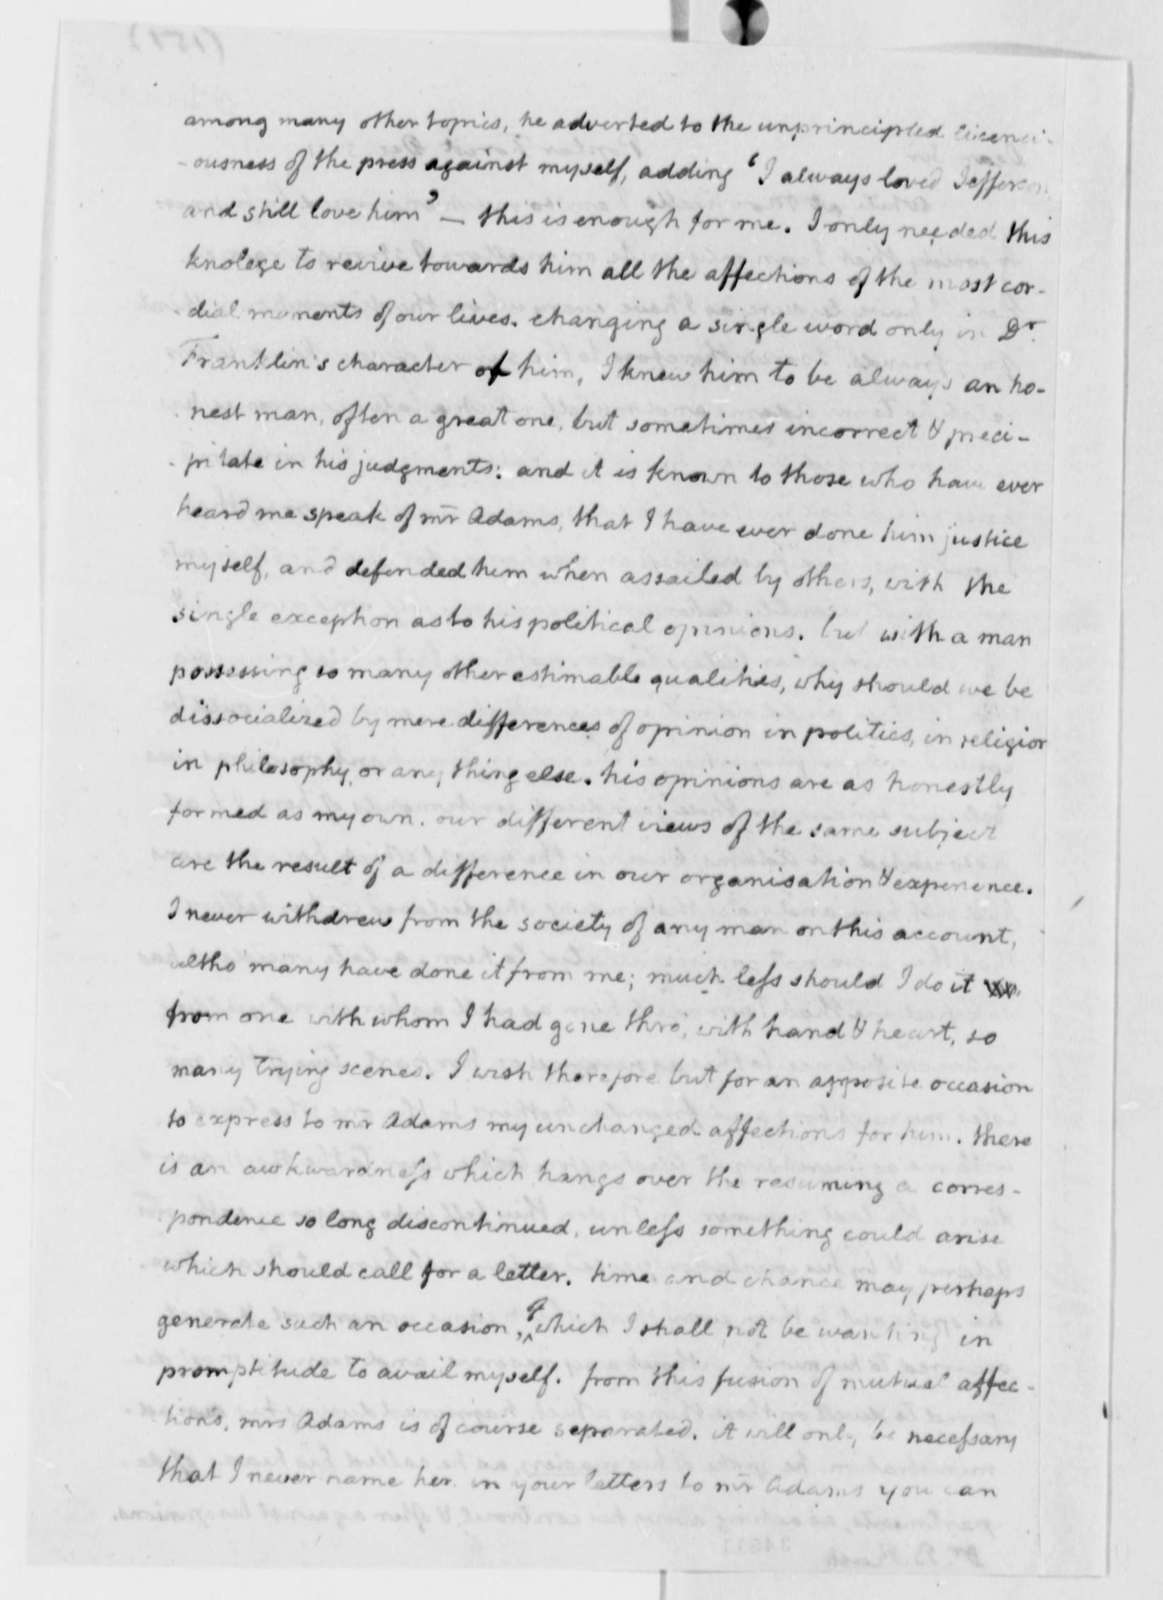 Thomas Jefferson to Benjamin Rush, December 5, 1811